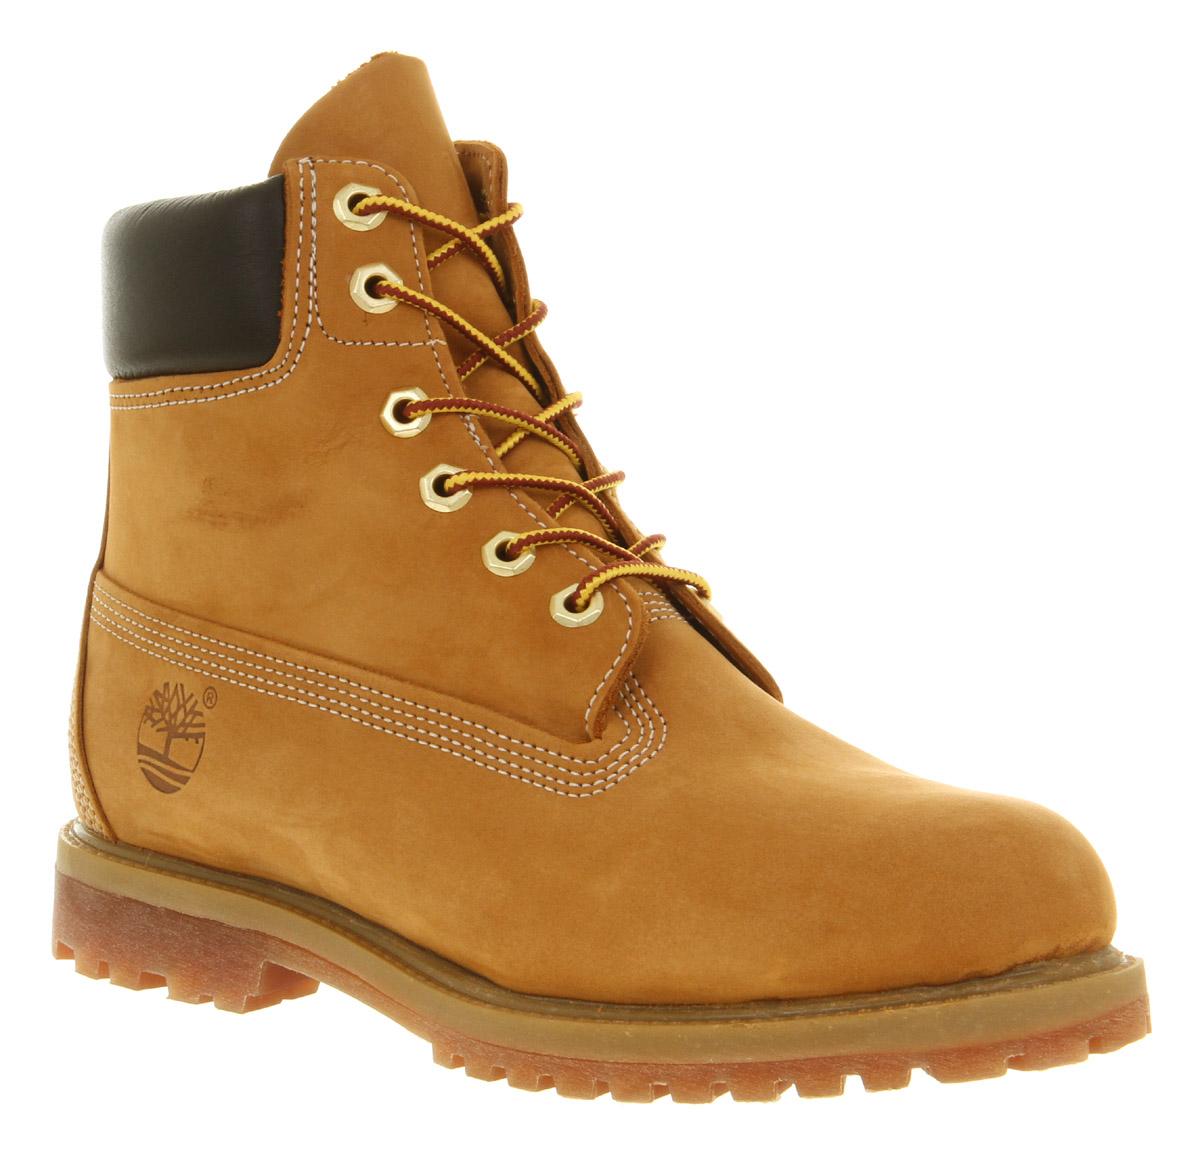 timberland boot wheat